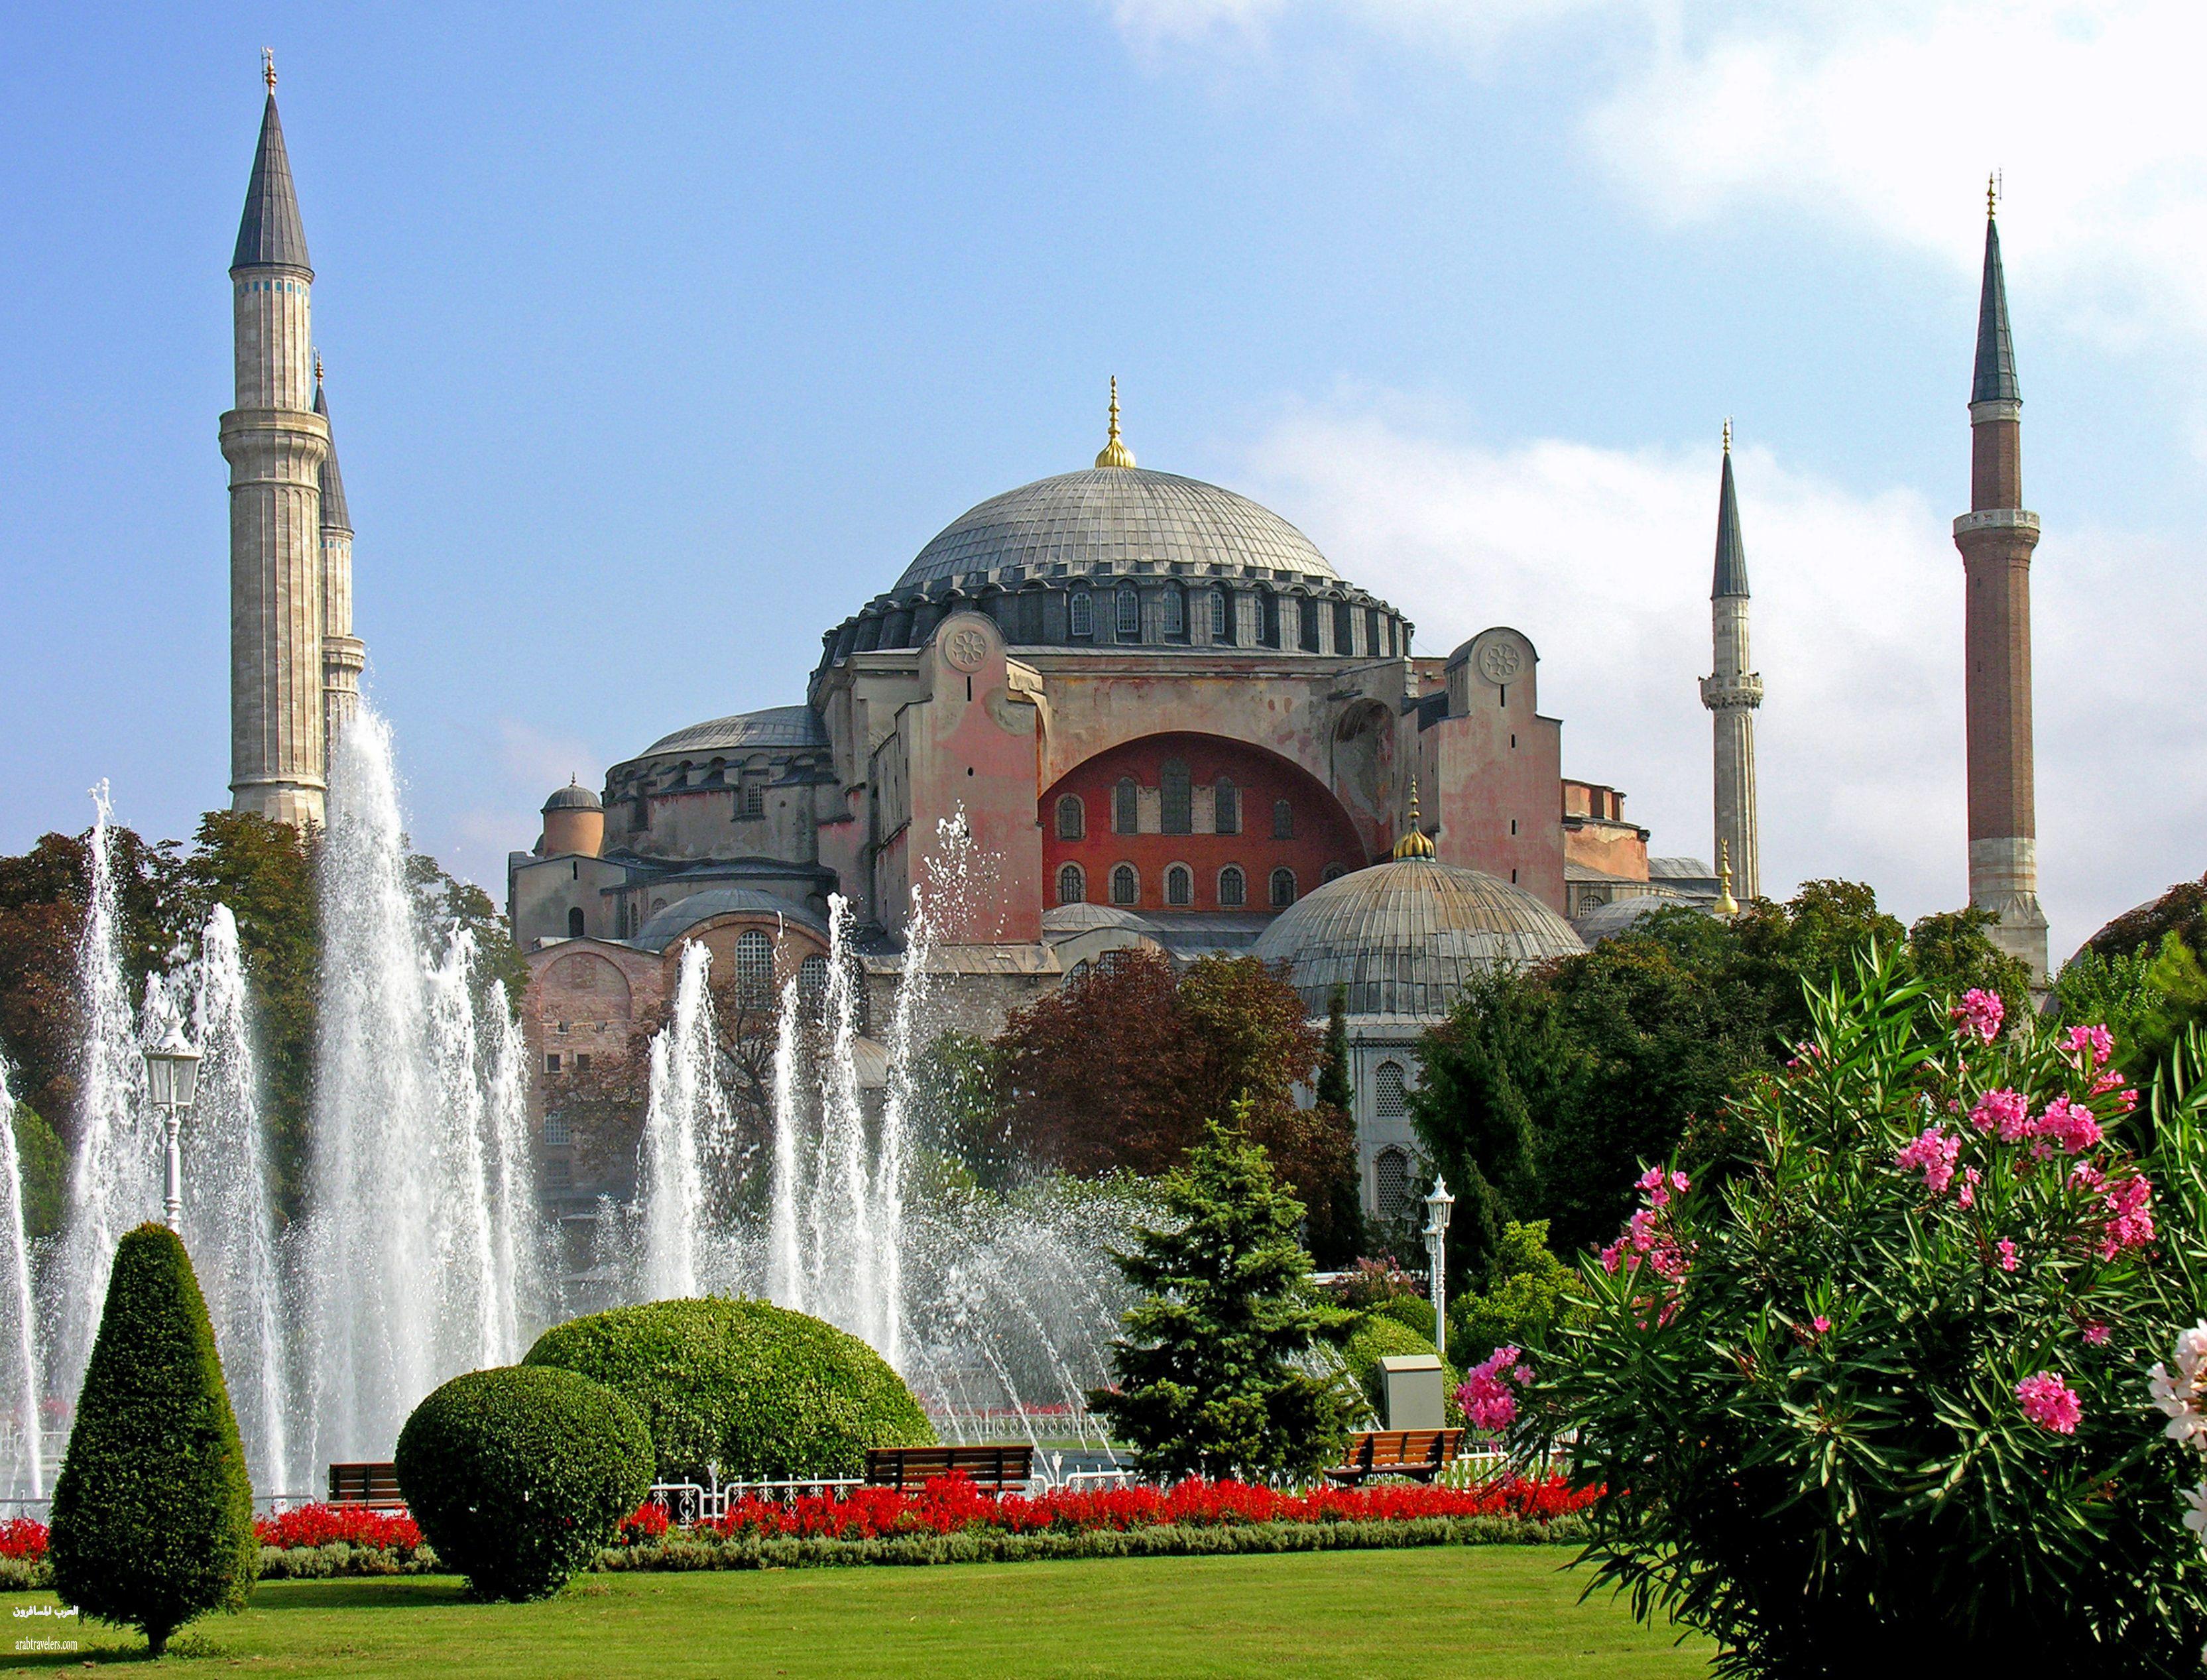 صوره تركيا جنة الارض , اجمل واروع المناظر الطبيعيه